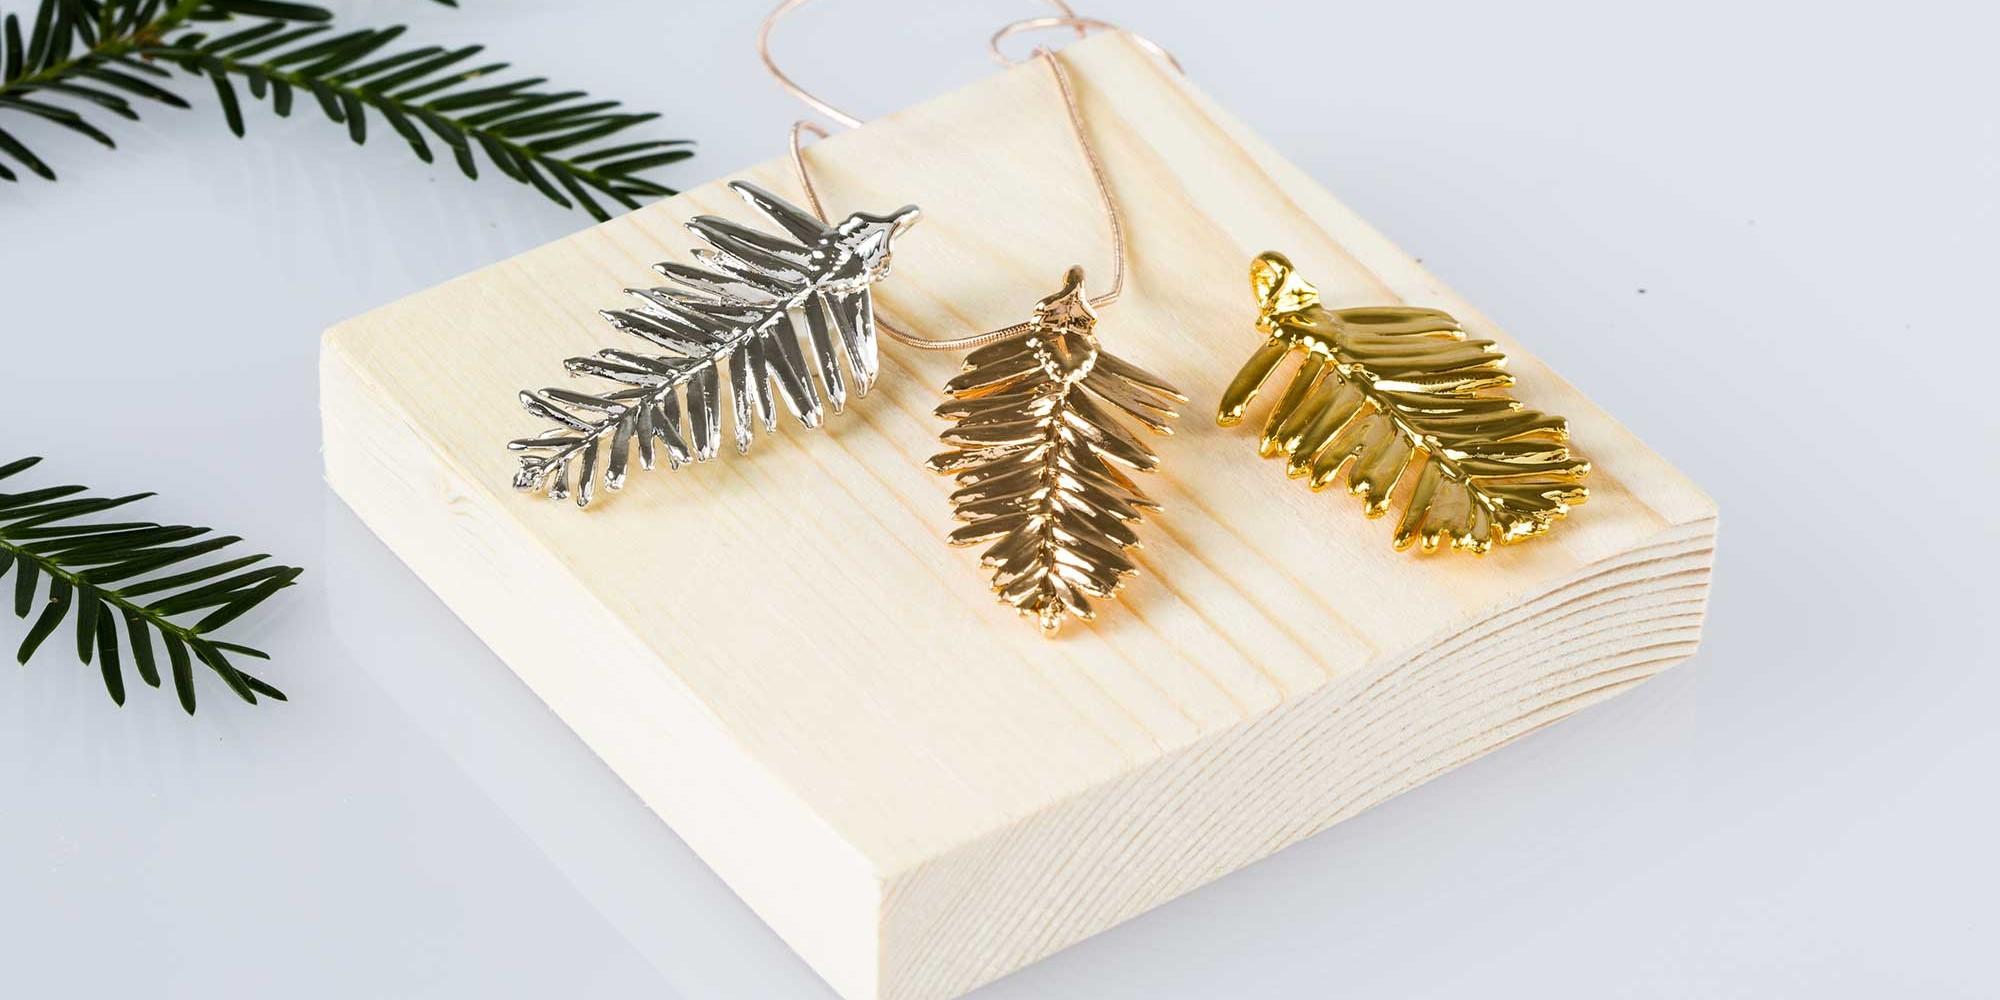 Tre ciondoli di vere foglie aghiformi di abete nelle tre diverse placcature: argento, oro rosa e oro